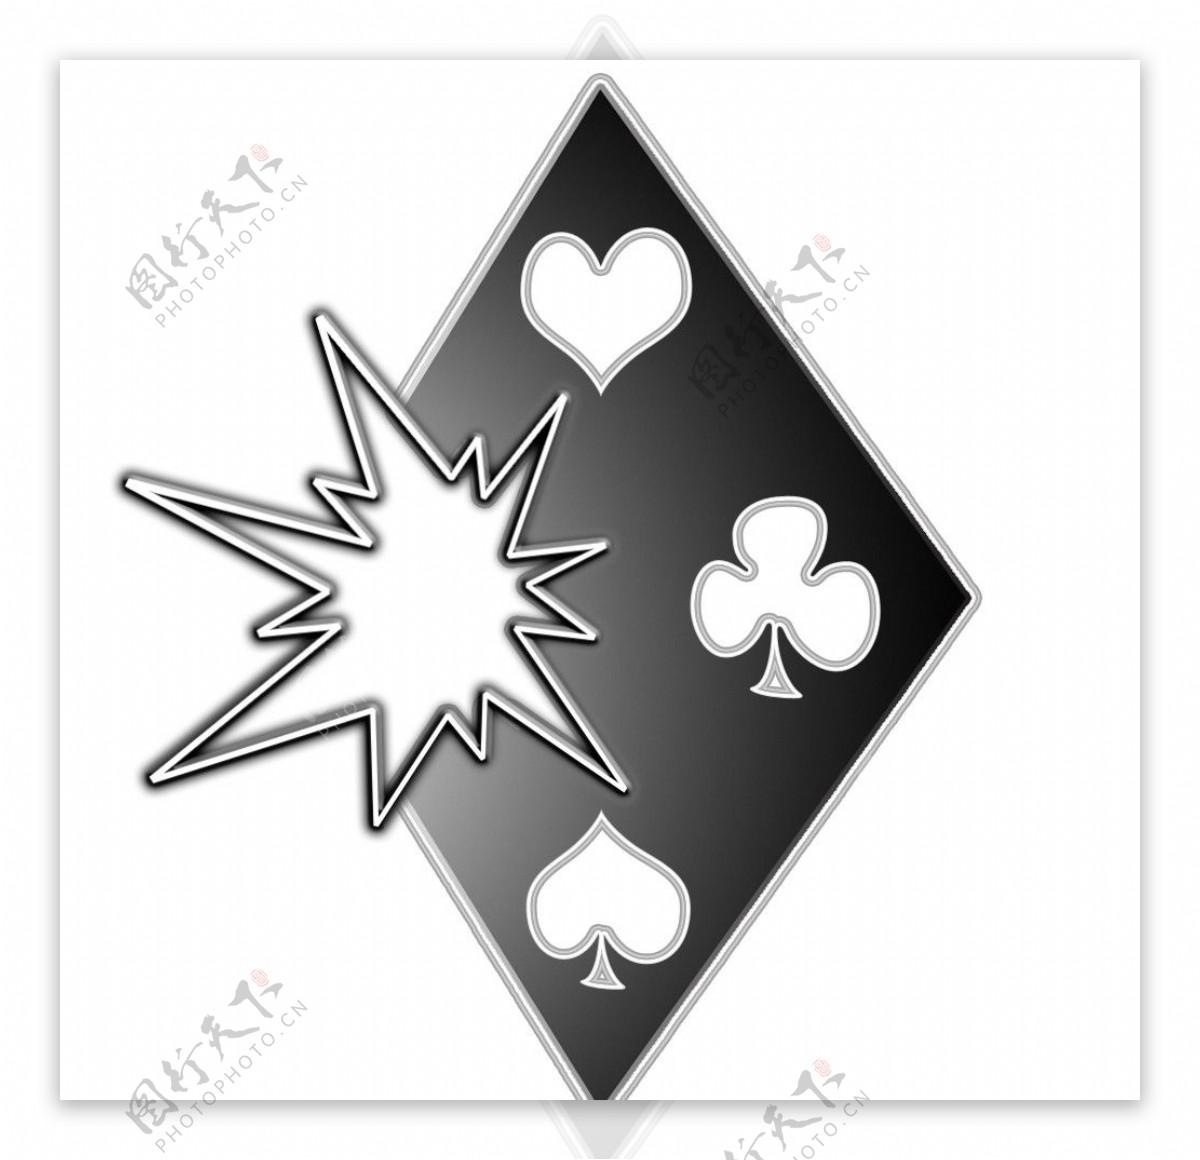 棋牌游戏图标logo